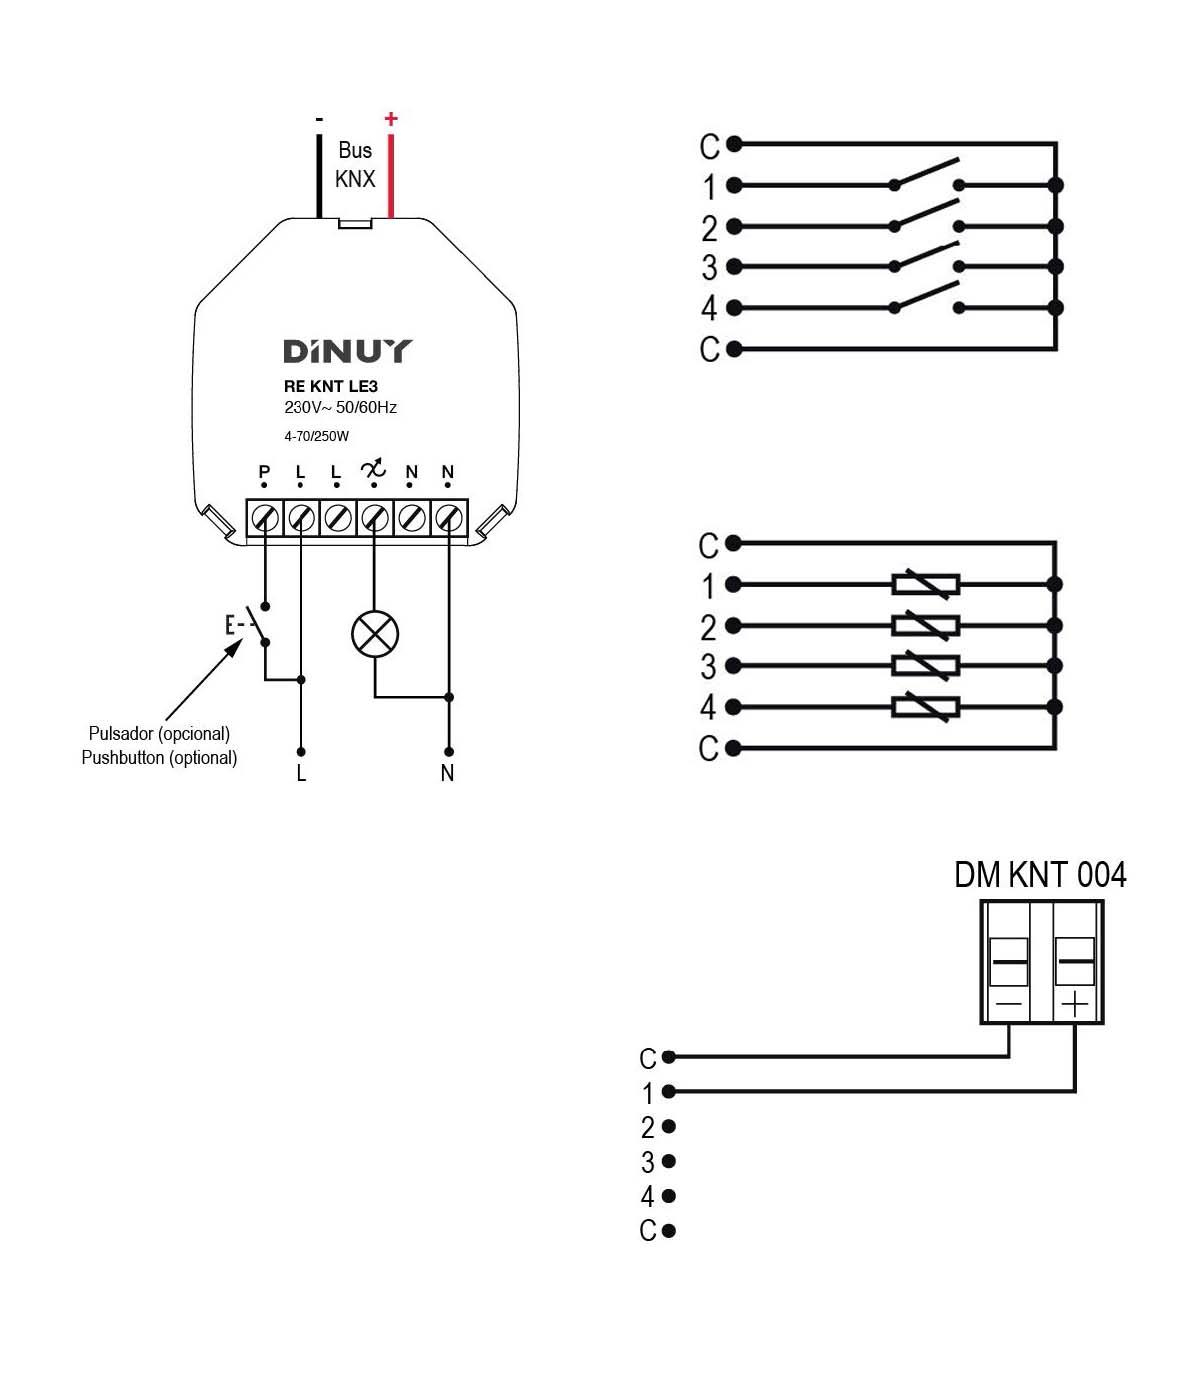 ACTUADOR DE REGULACIÓN RLC+LED DE 1 CANAL Y 4 ENTRADAS – RE KNT LE3 - Esquema de instalación - Dinuy